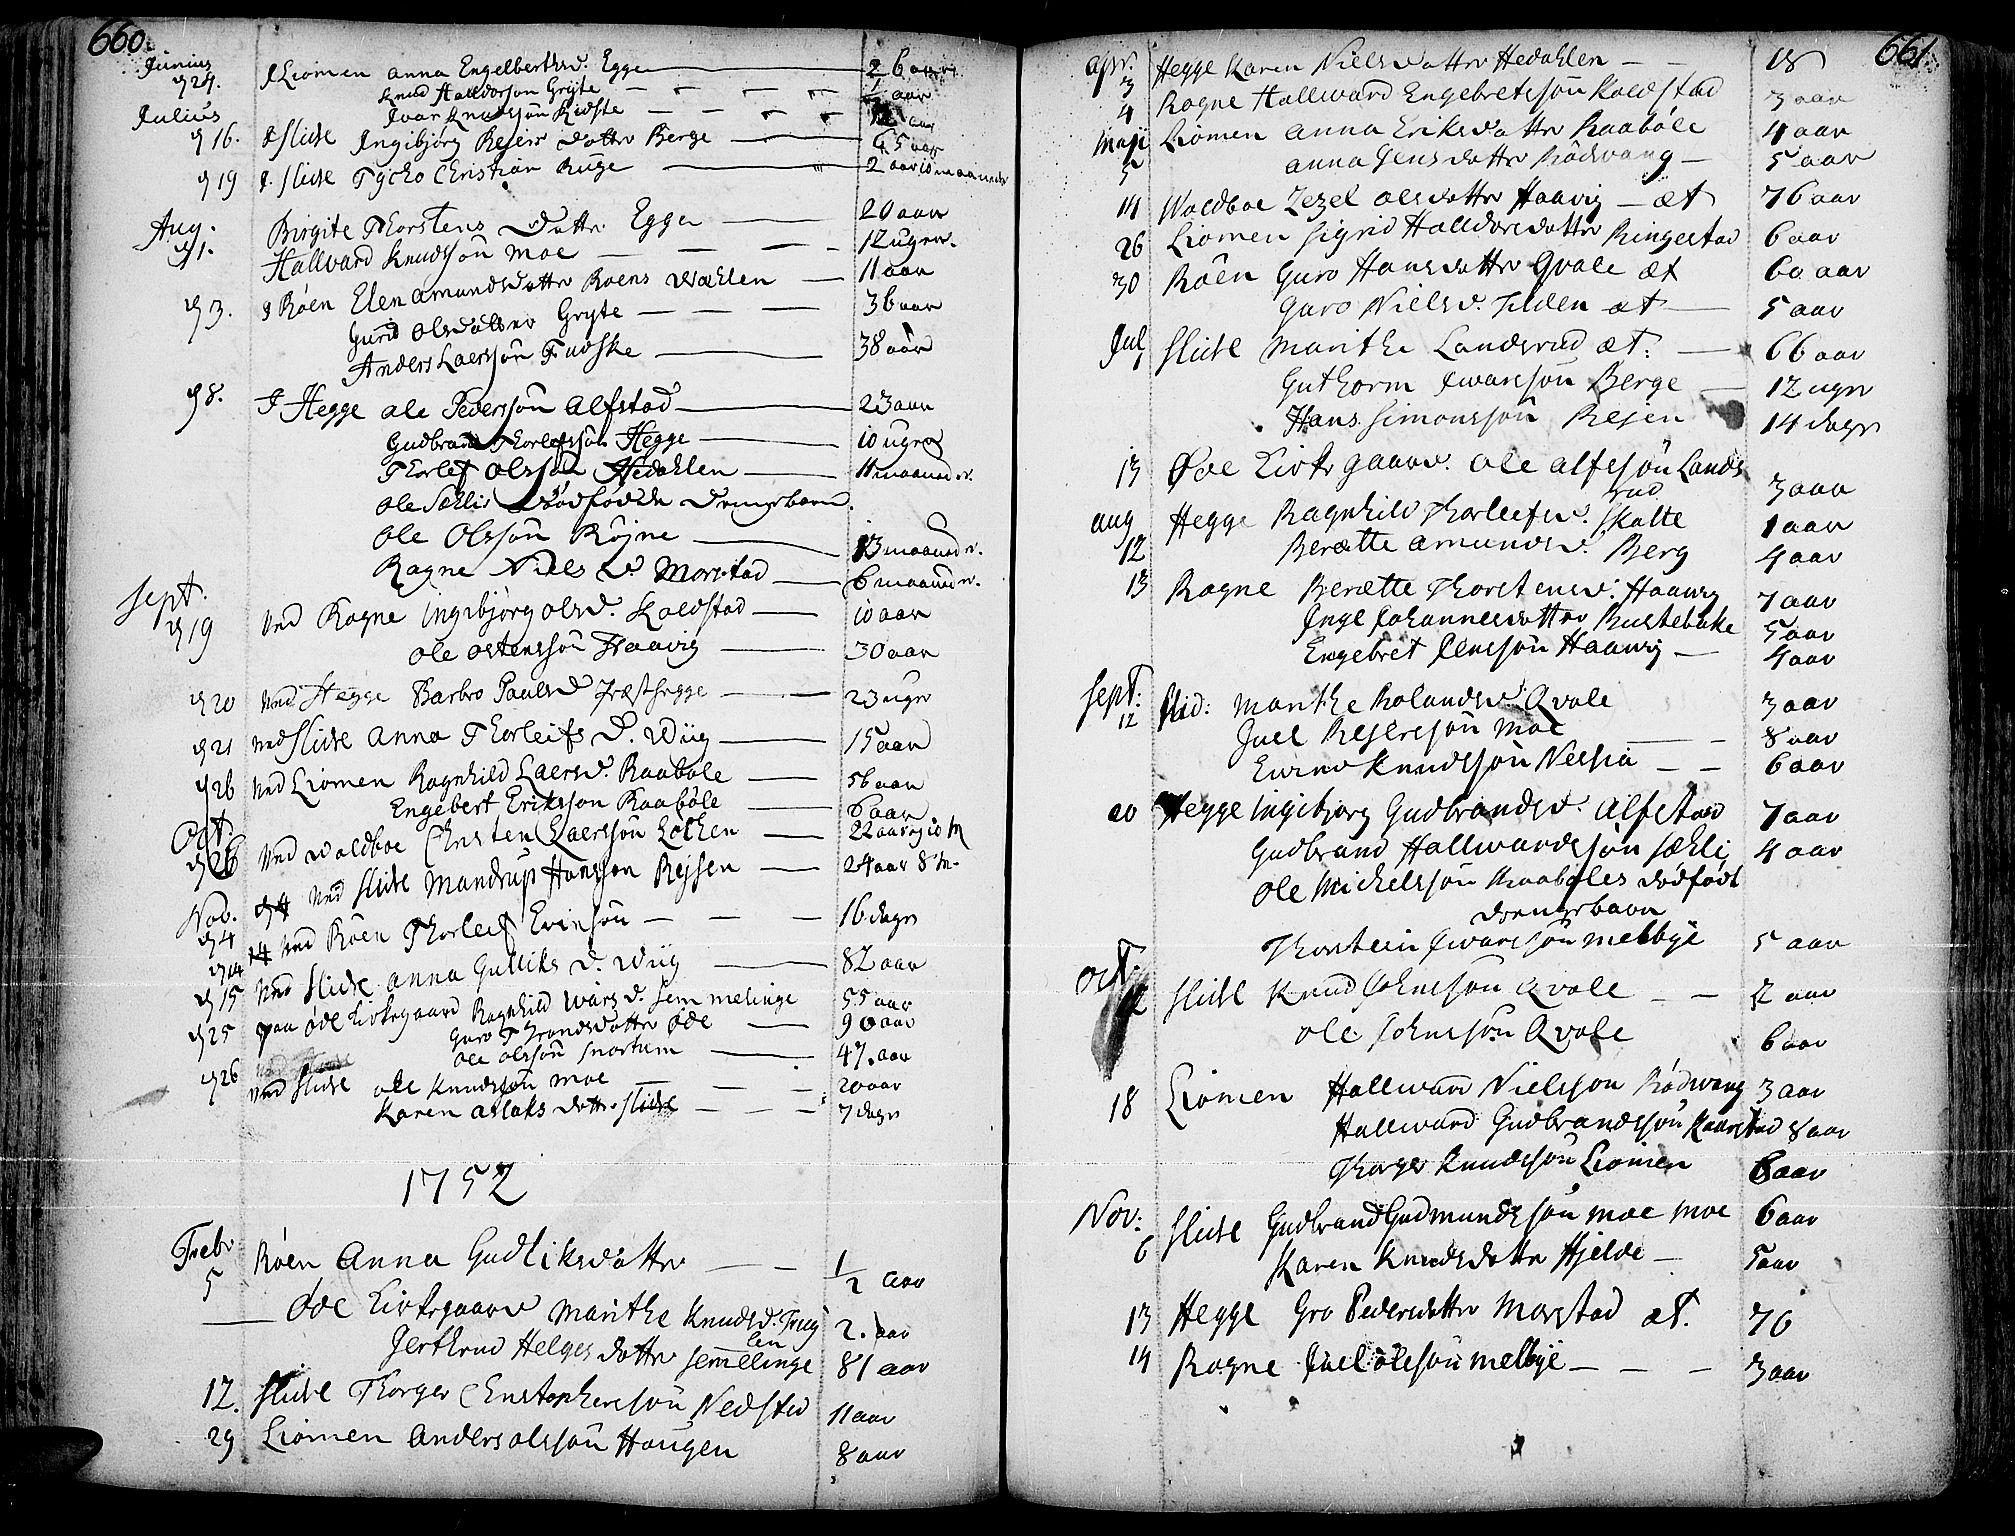 SAH, Slidre prestekontor, Ministerialbok nr. 1, 1724-1814, s. 660-661